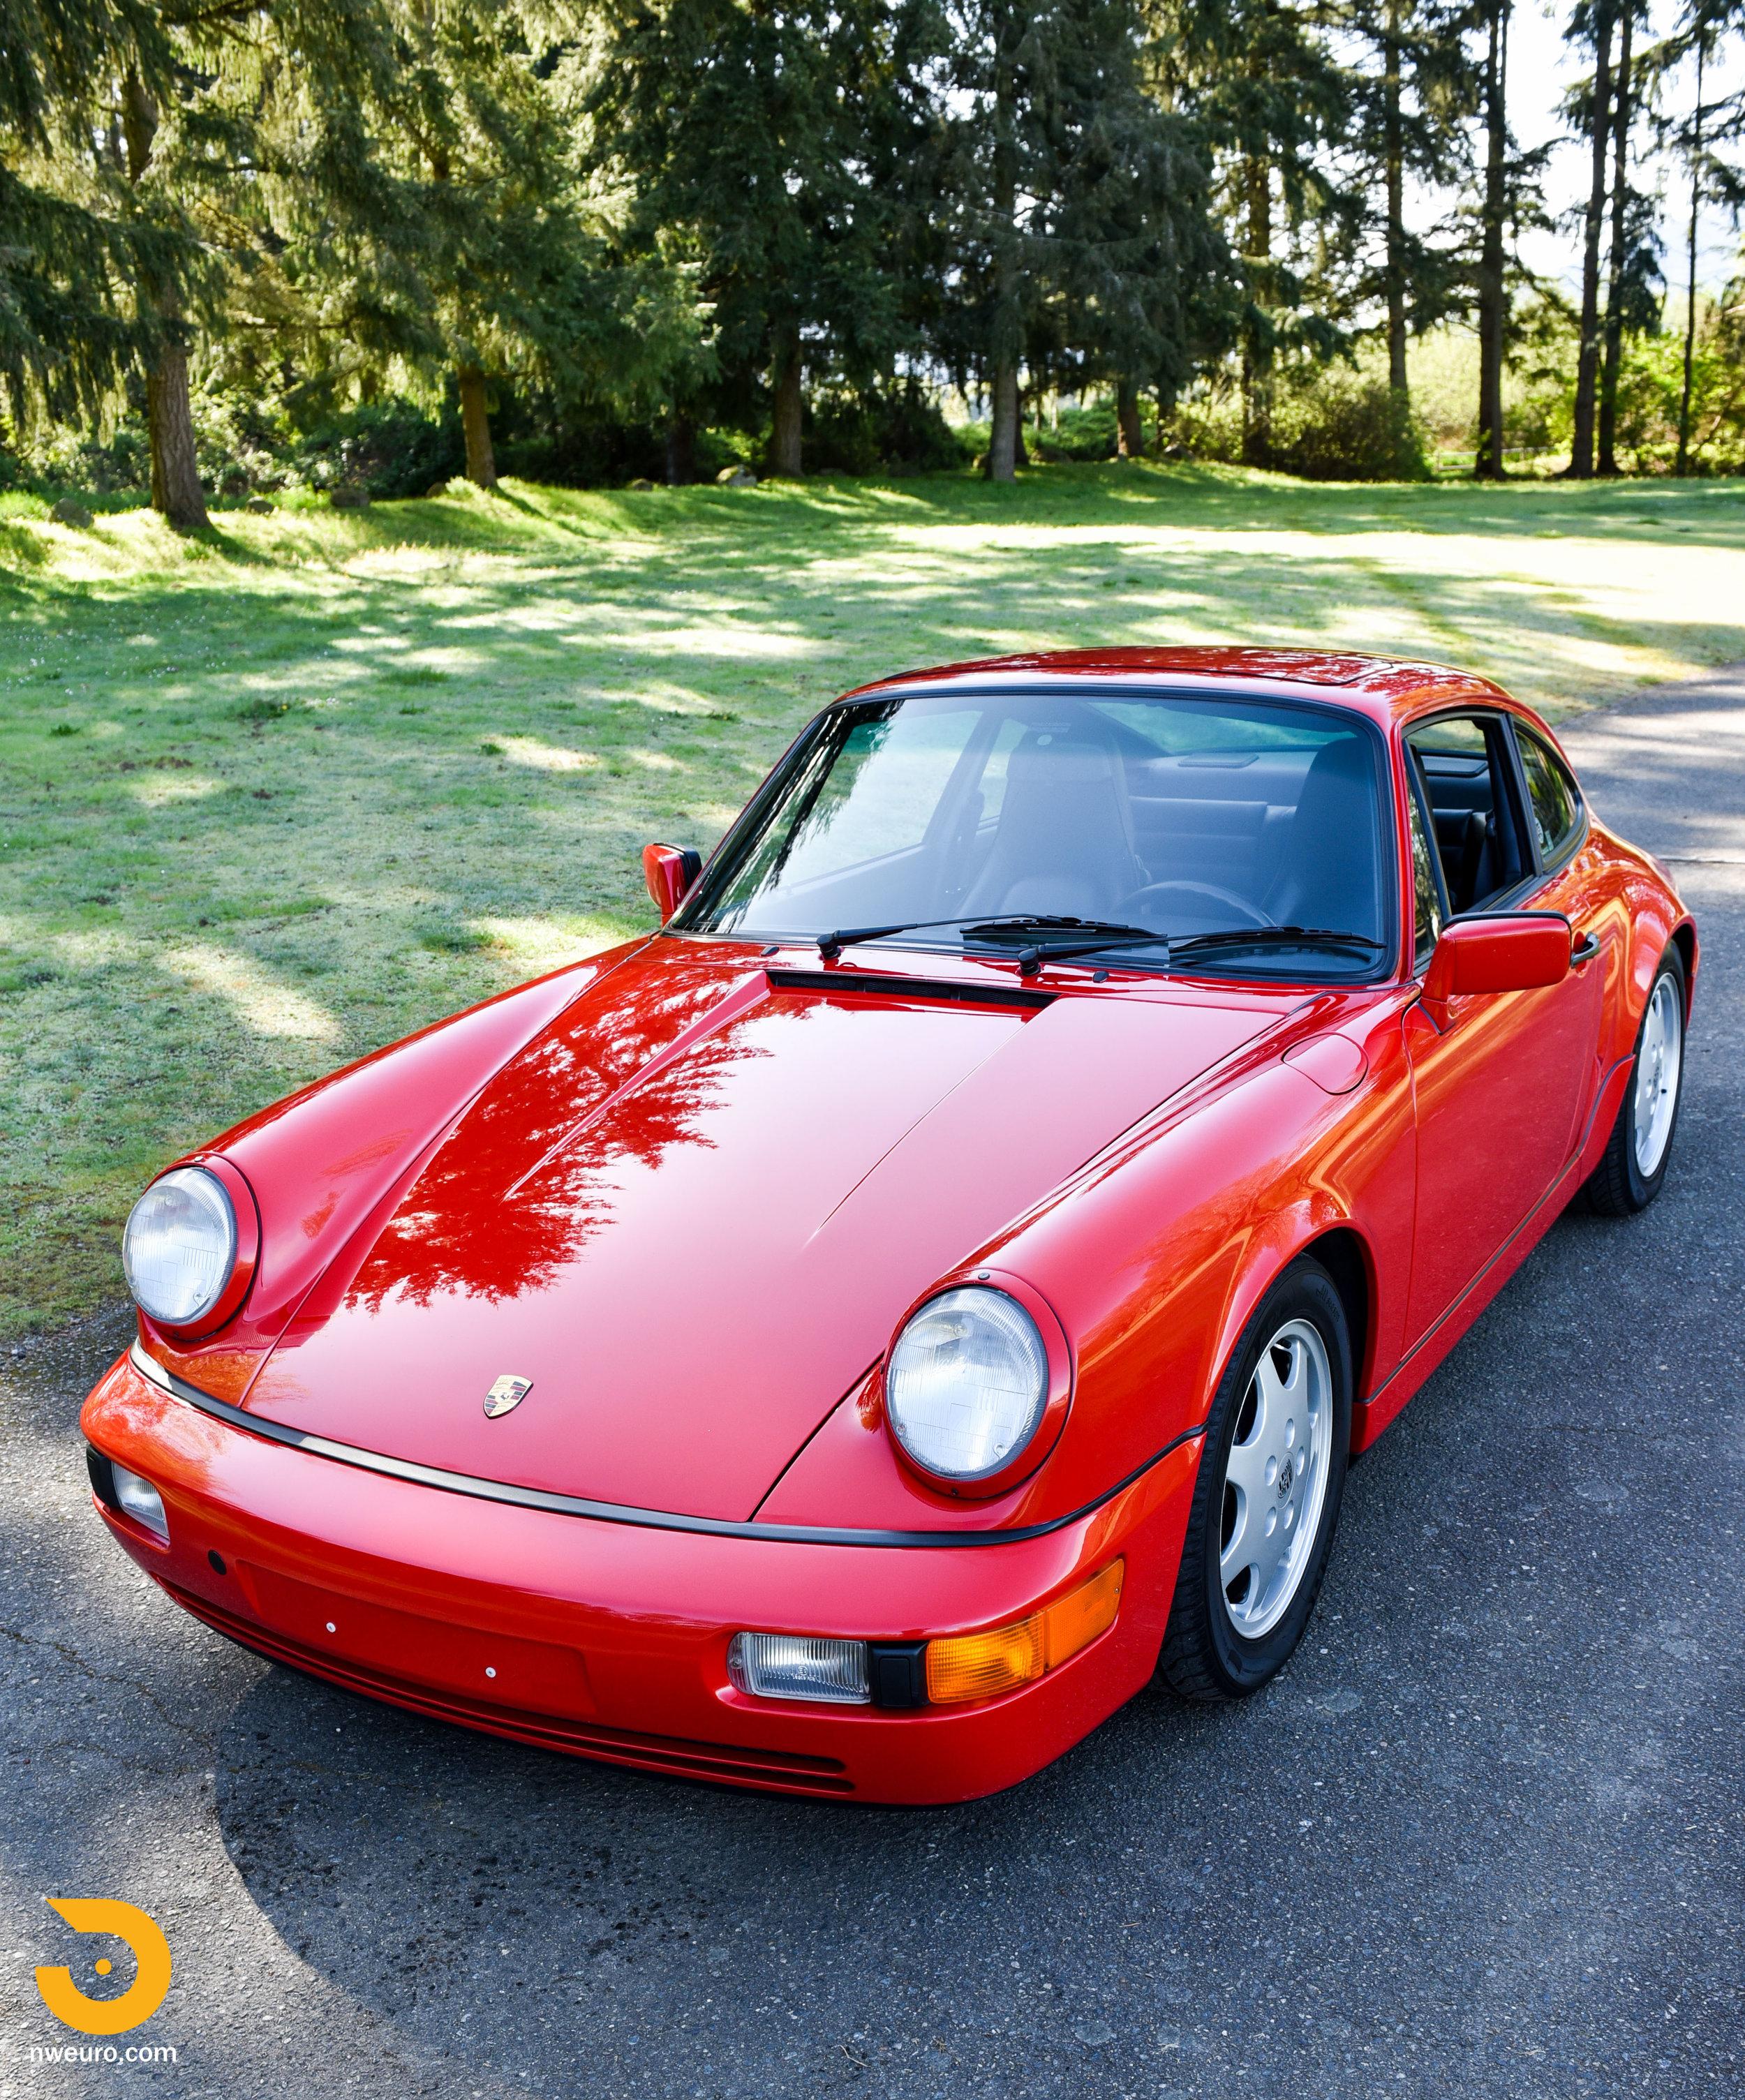 1990 Porsche 964 C2 Coupe-52.jpg